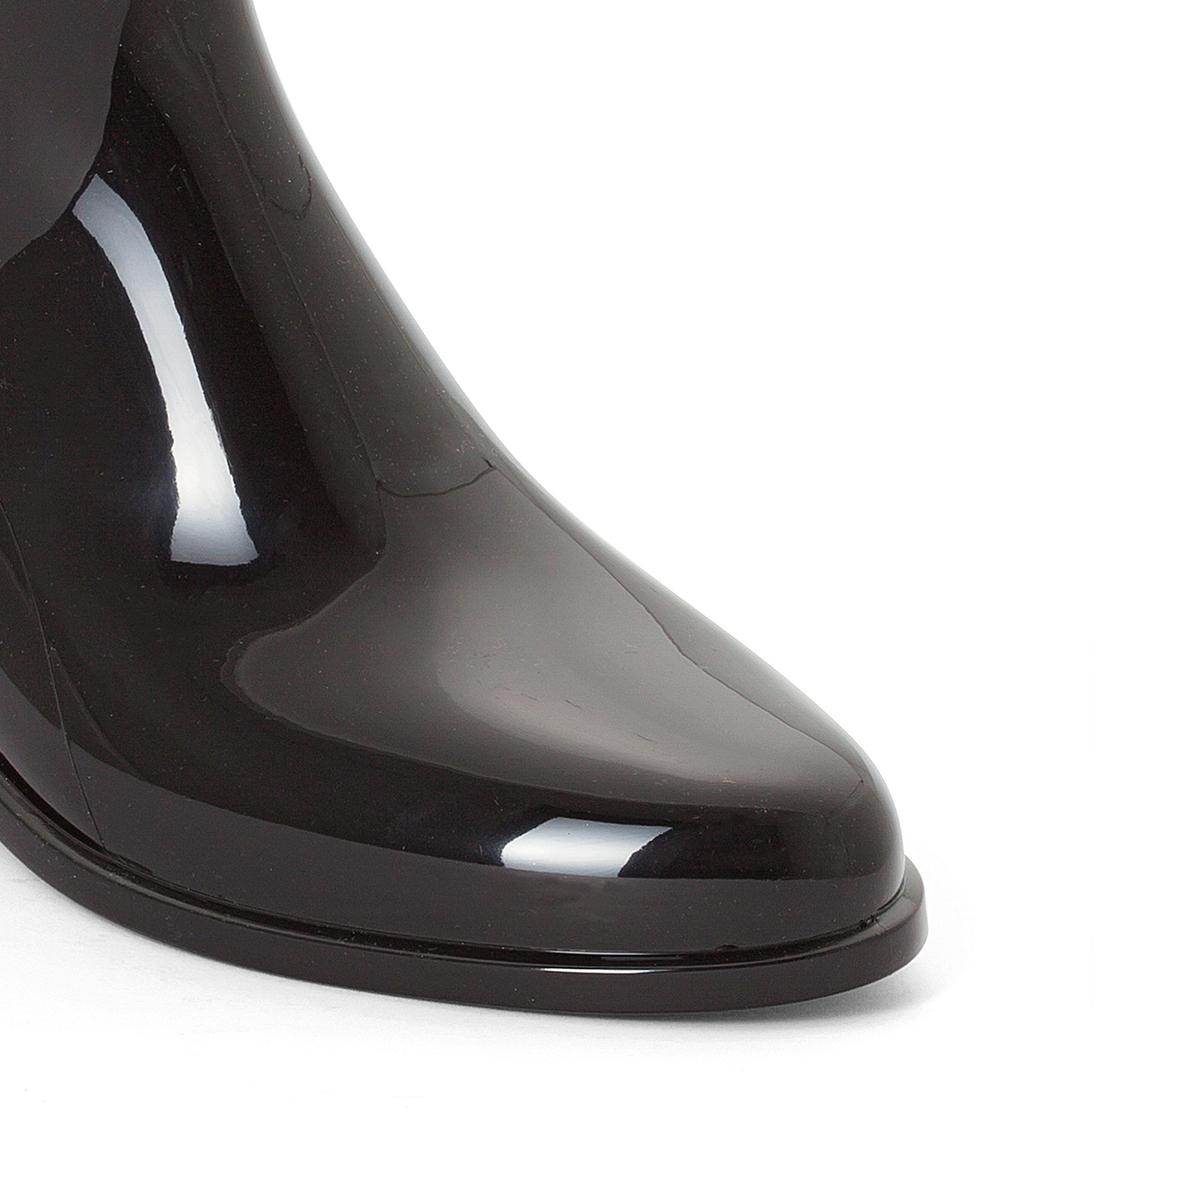 Сапоги резиновые HarperВерх : каучук   Подкладка : полиамид   Стелька : синтетика   Подошва : каучук   Высота каблука : 2 см   Форма каблука : плоский каблук   Мысок : закругленный мысок   Застежка : без застежки<br><br>Цвет: черный